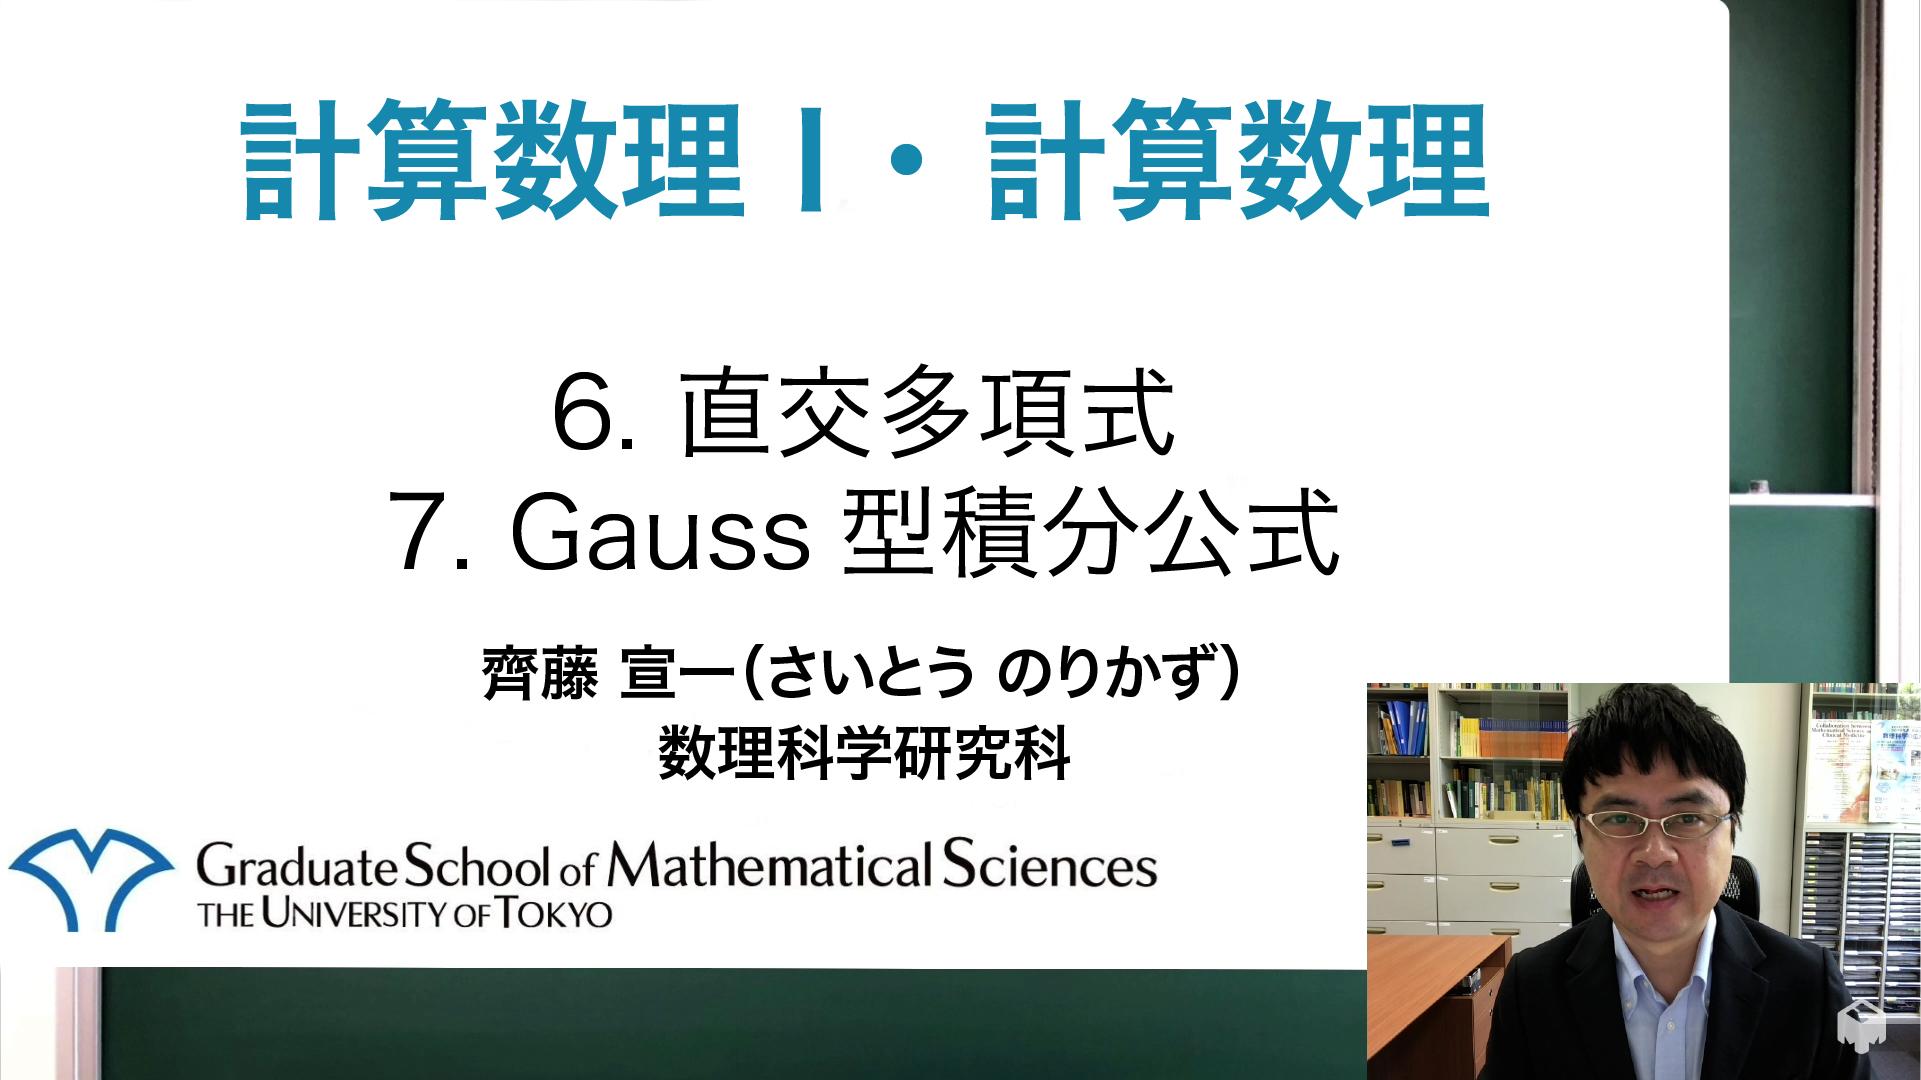 6. 直交多項式 & 7. Gauss型積分公式